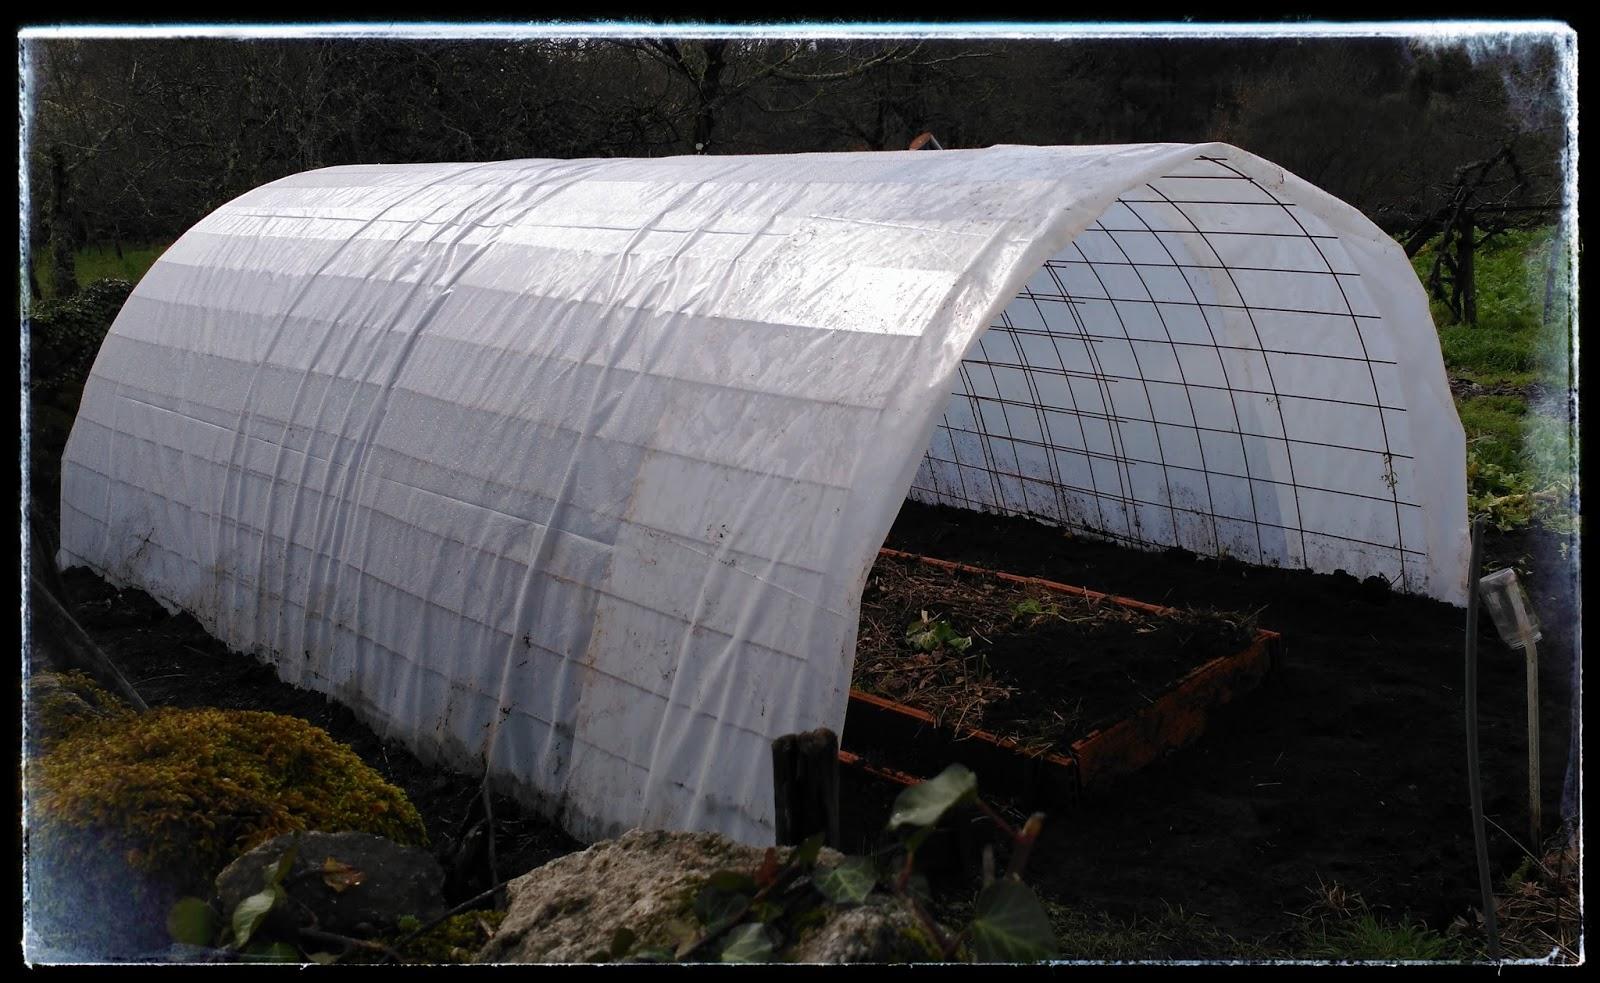 C mo hacer un invernadero con malla de obra - Fabricar un invernadero ...